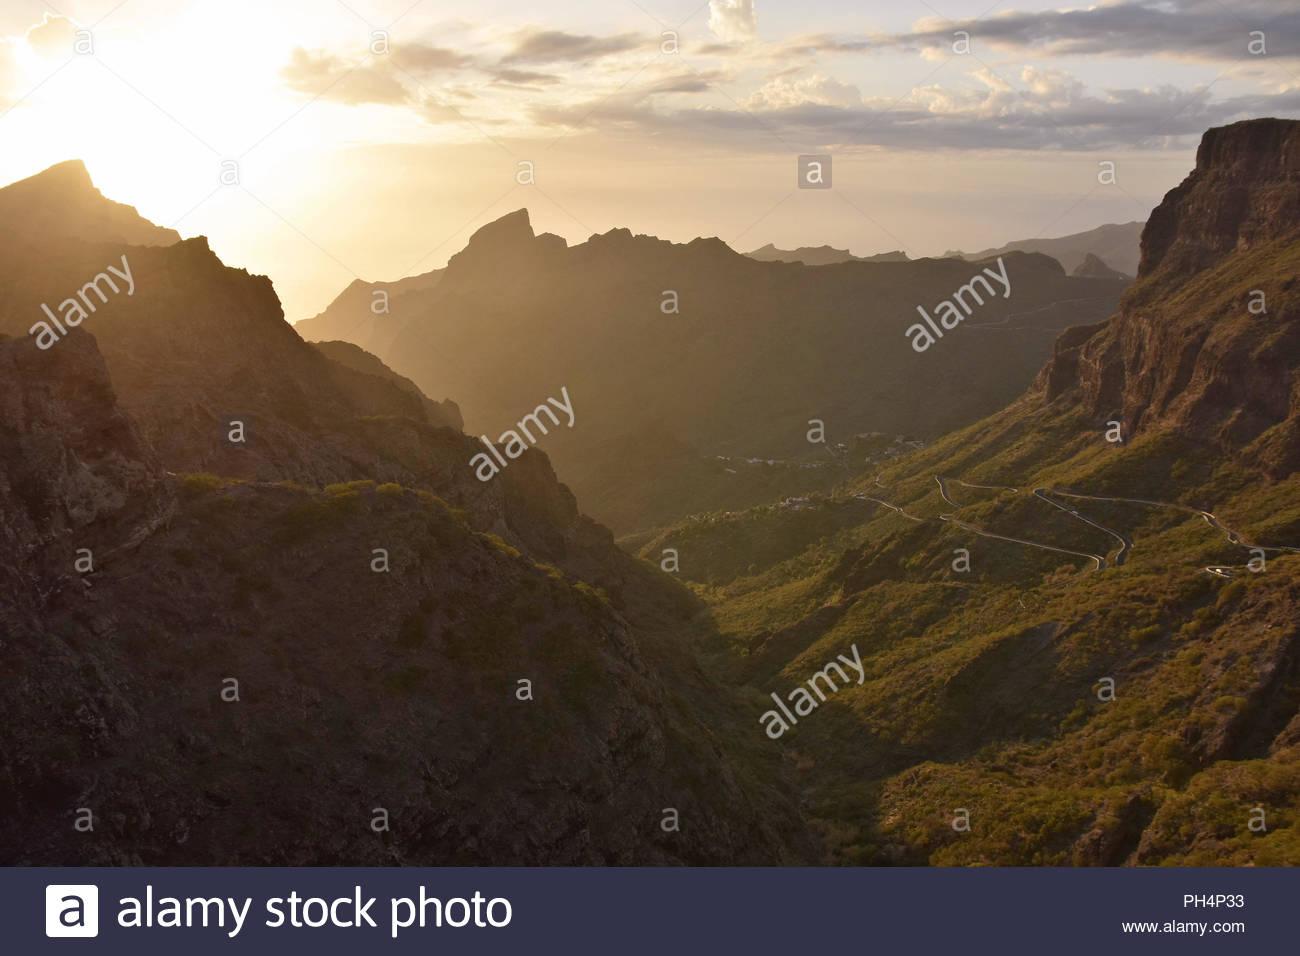 Masca Tal im Nordwesten von Teneriffa Kanarische Inseln Spanien. Sonne hinter vulkanischen Gipfeln der Teno Massiv. Malerische Aussicht vom Mirador de Cherfe. Stockfoto